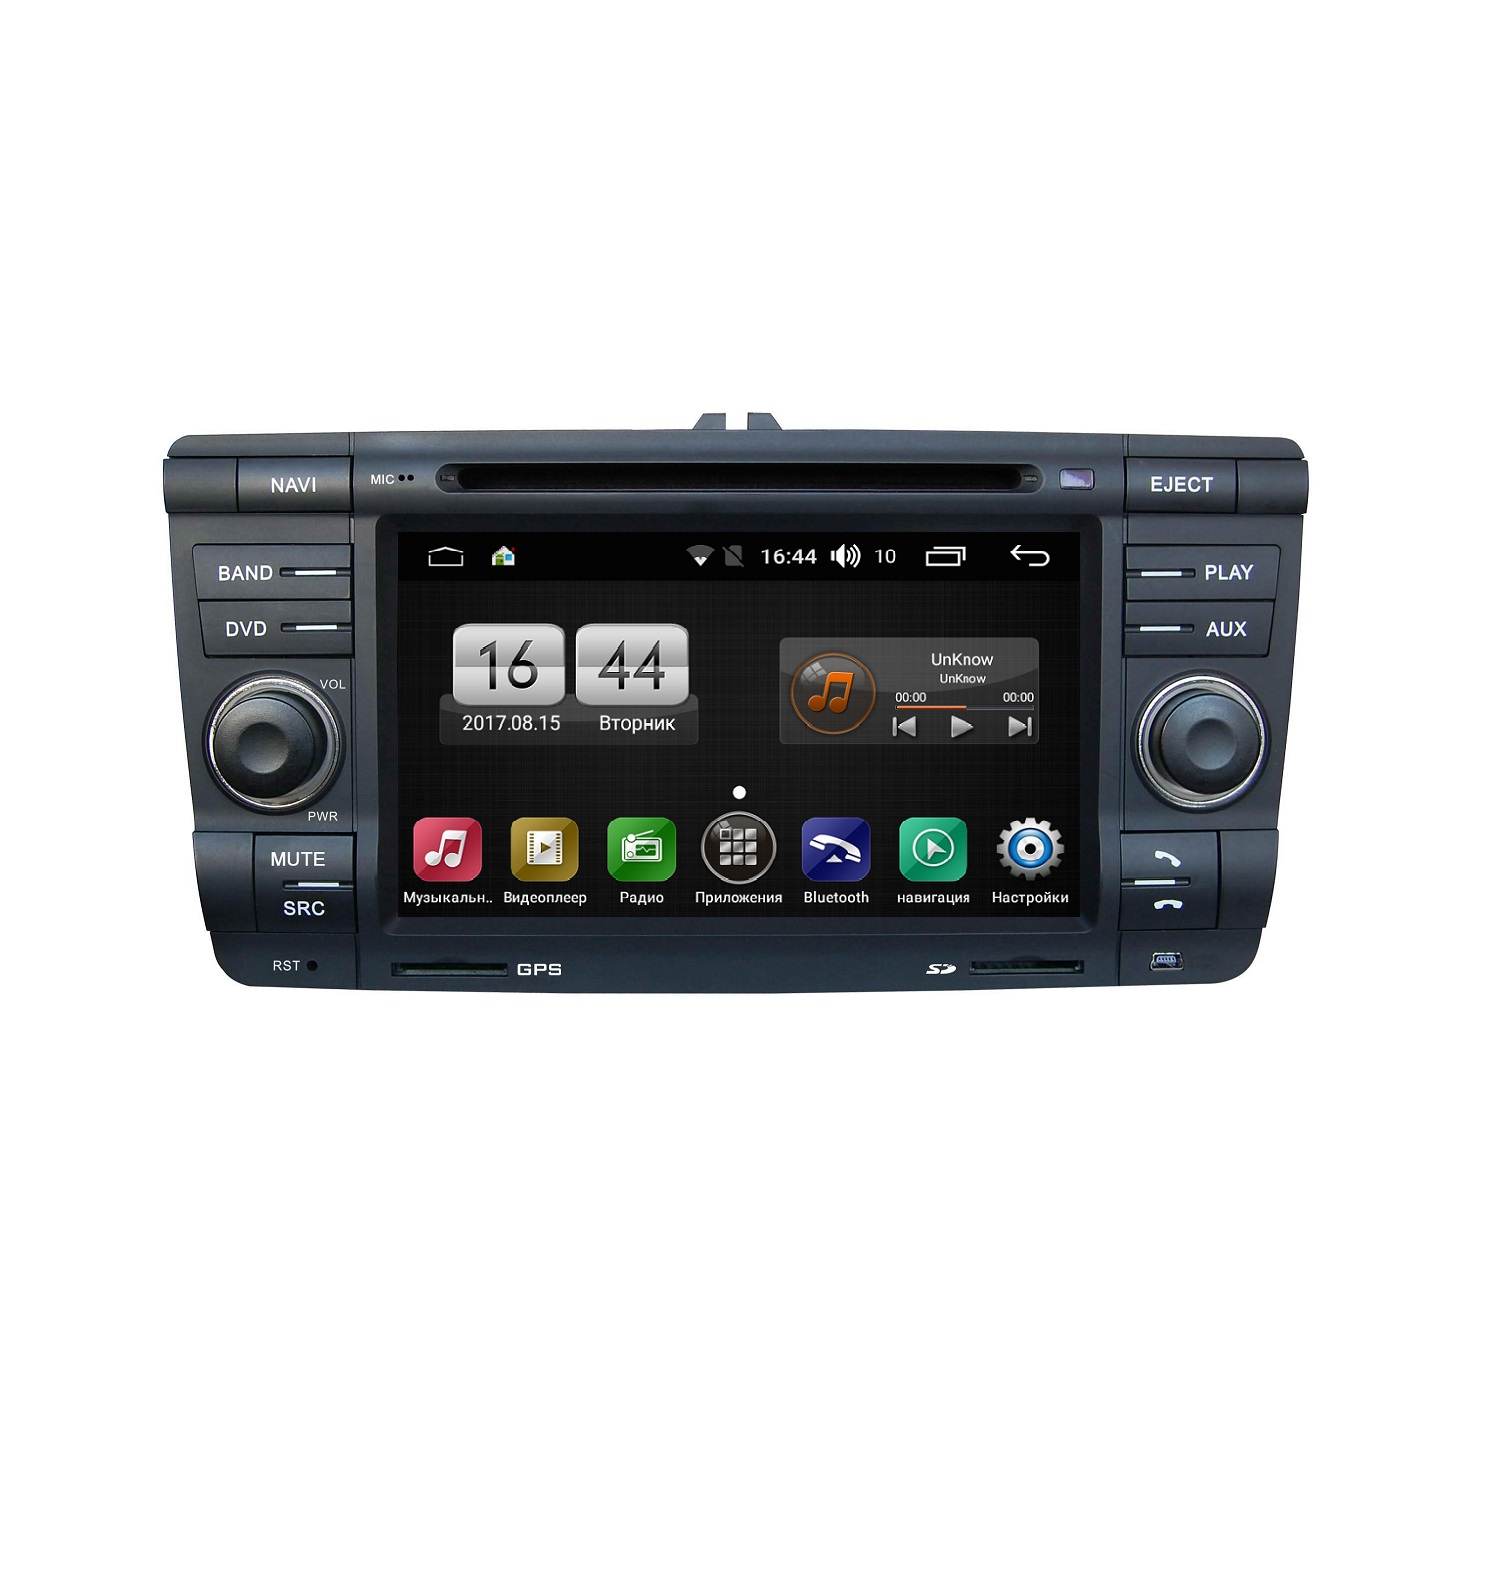 Штатная магнитола FarCar s170 для Skoda Octavia на Android (L005) (+ Камера заднего вида в подарок!) штатная магнитола carmedia ol 8992 dvd volkswagen skoda seat по списку